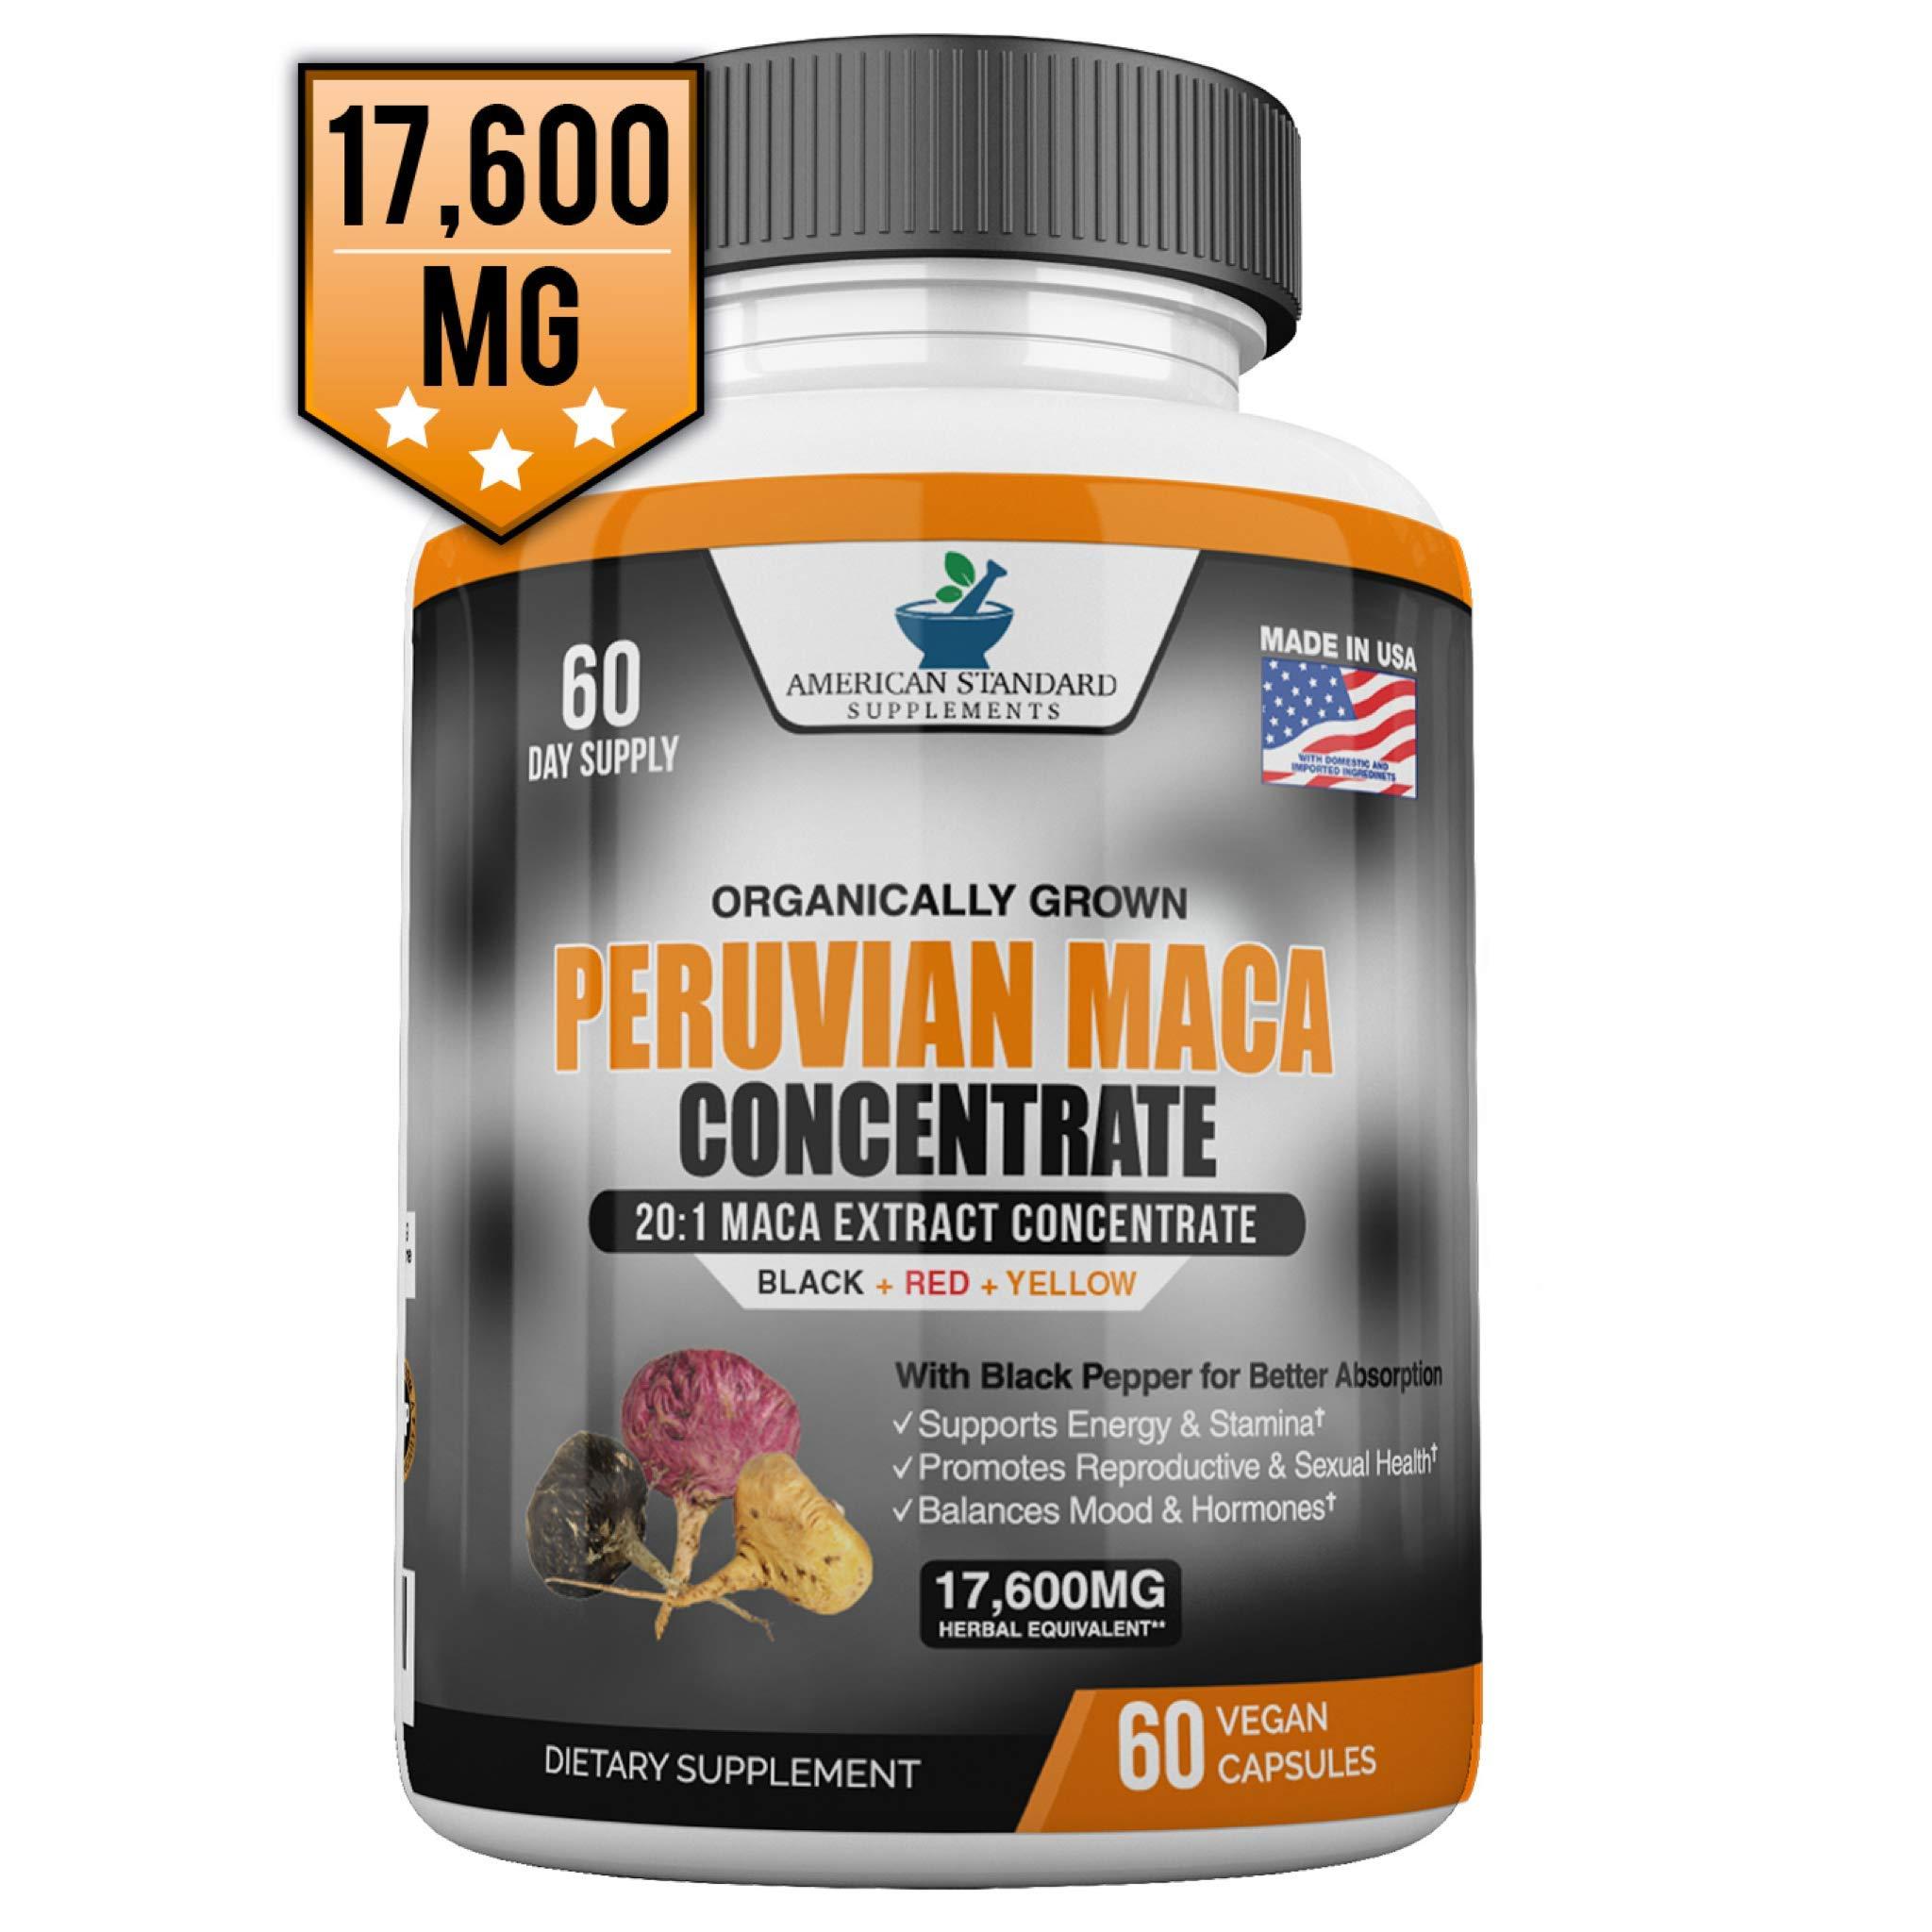 Maca Organic Peruvian Powder Capsules - 17,600 mg Per Capsules - Black, Red, Yellow Root with Black Pepper Extract, Increase Energy, Stamina, Libido Mood, Hormone for Men & Women, 60 Vegan Capsule